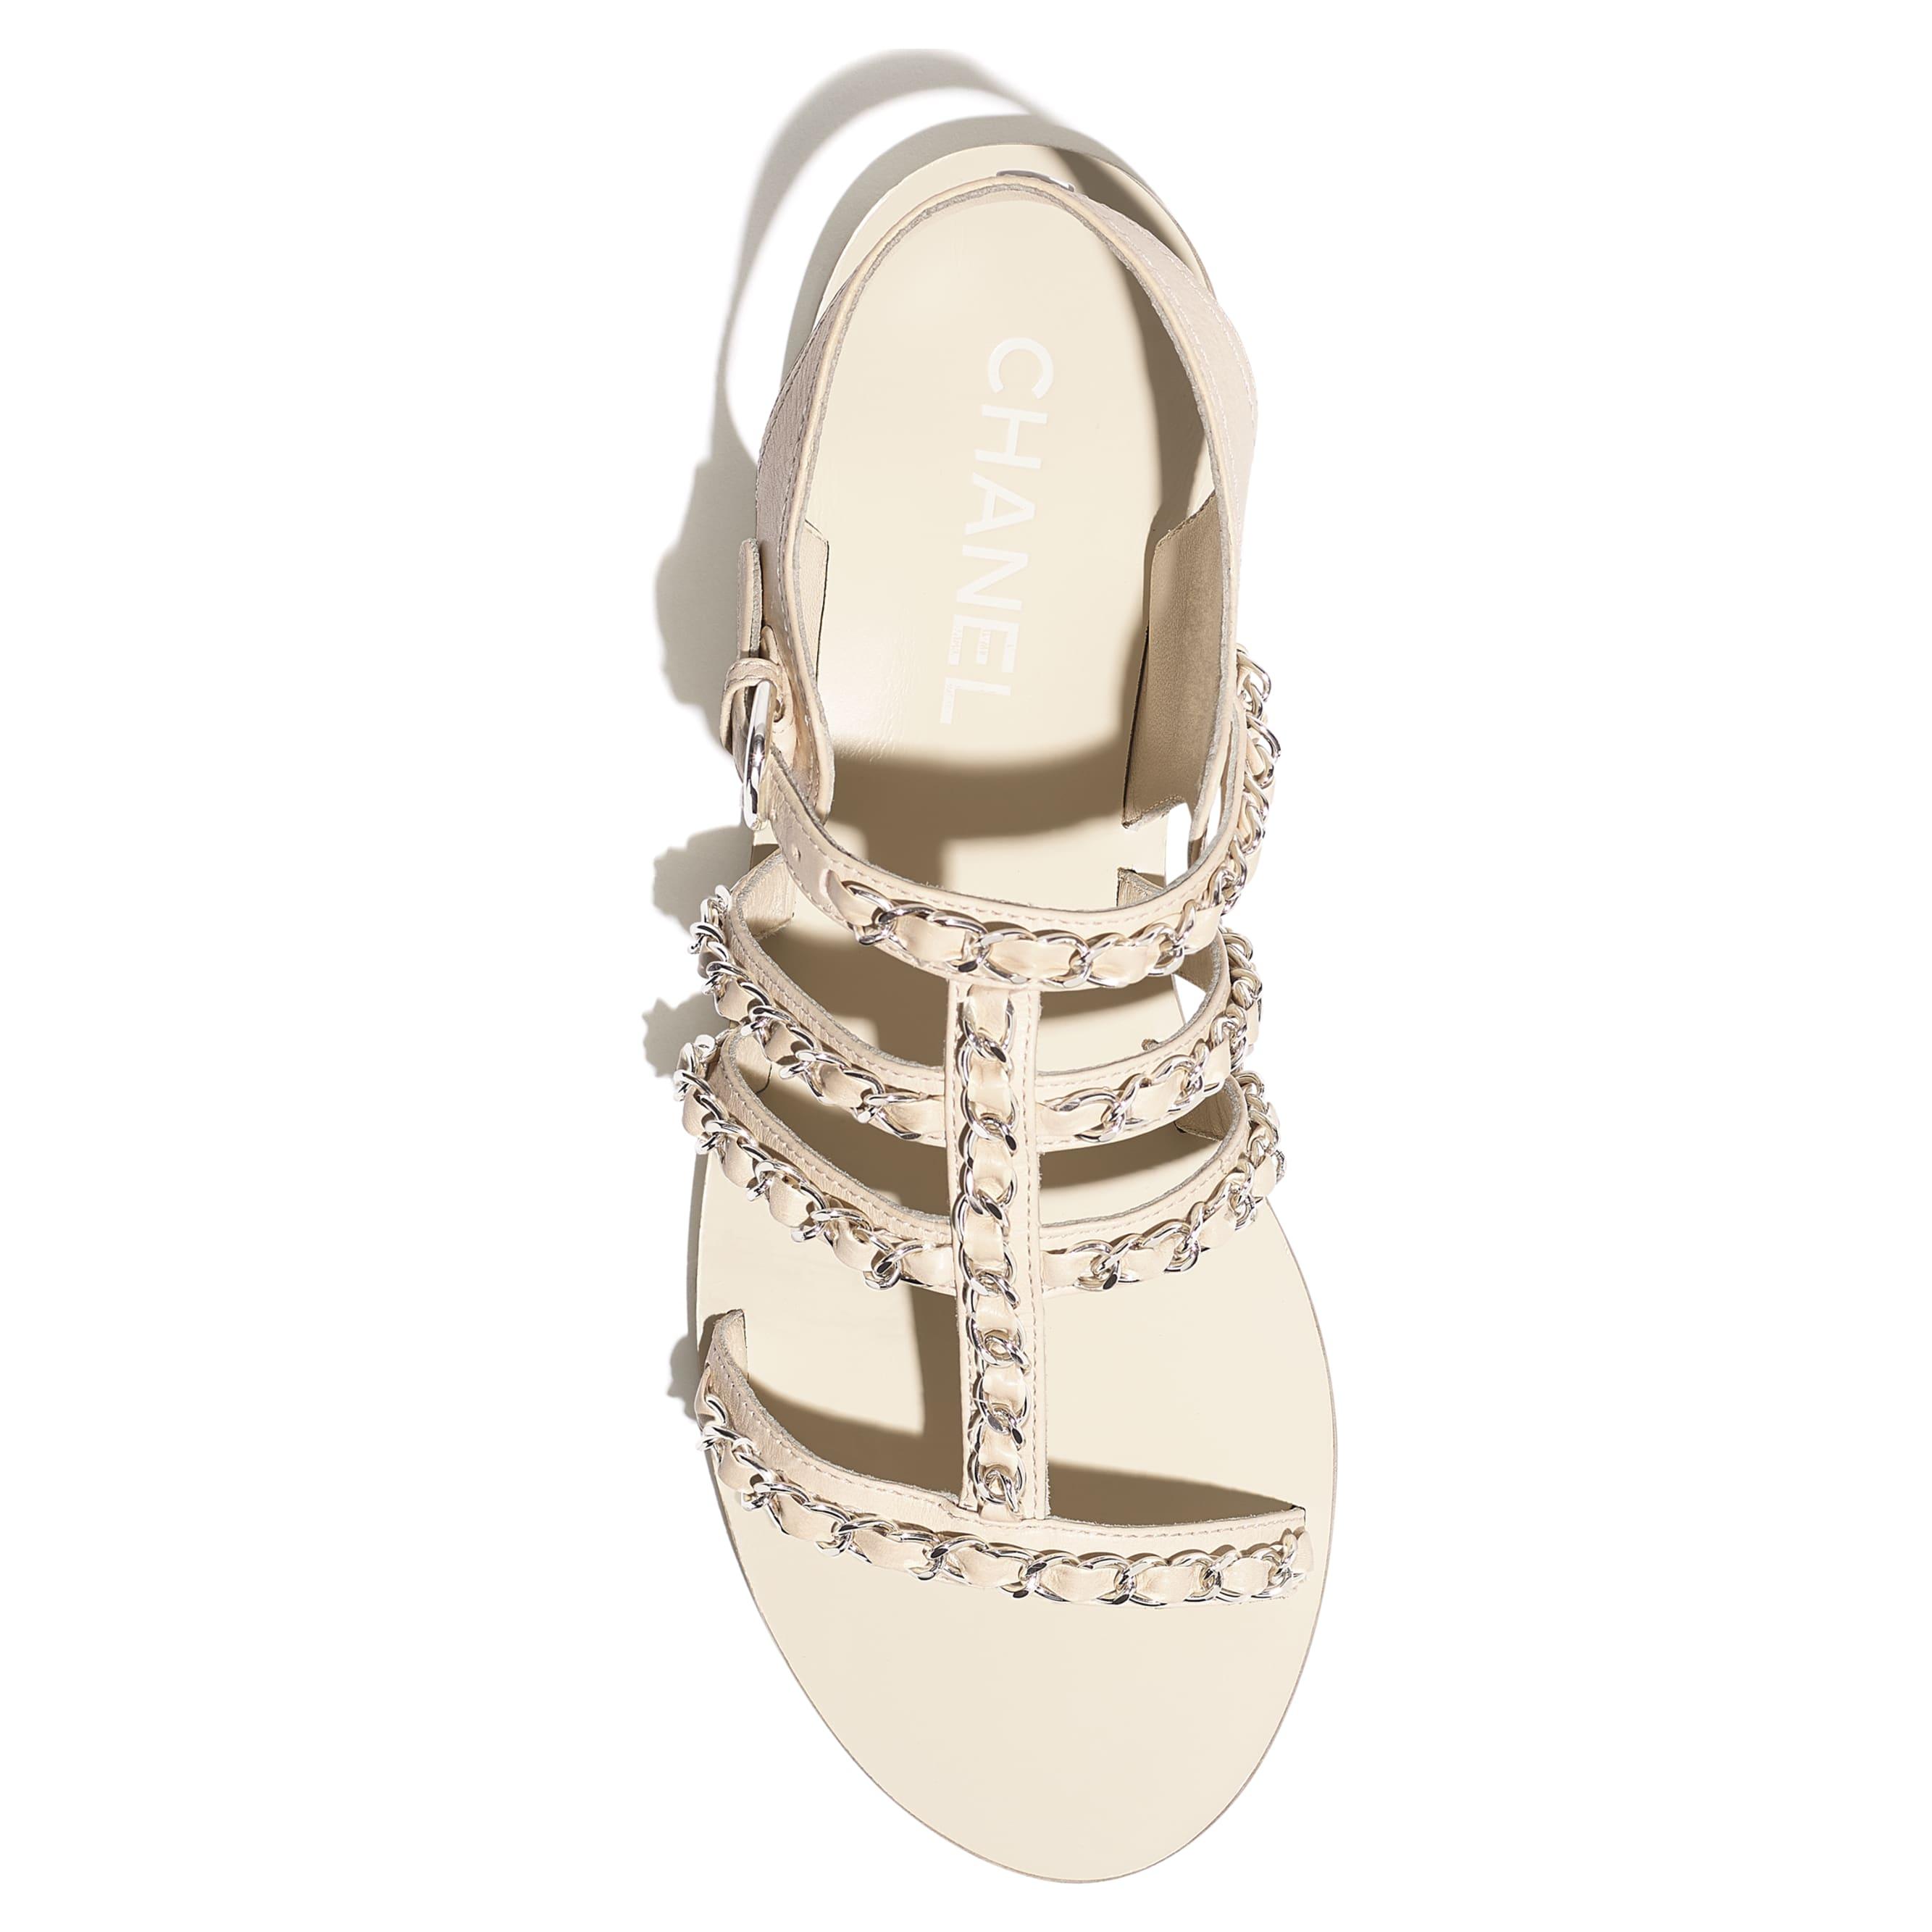 รองเท้าแซนดัลมีสายรัดส้น - สีขาว - หนังลูกวัว - มุมมองพิเศษ - ดูเวอร์ชันขนาดมาตรฐาน